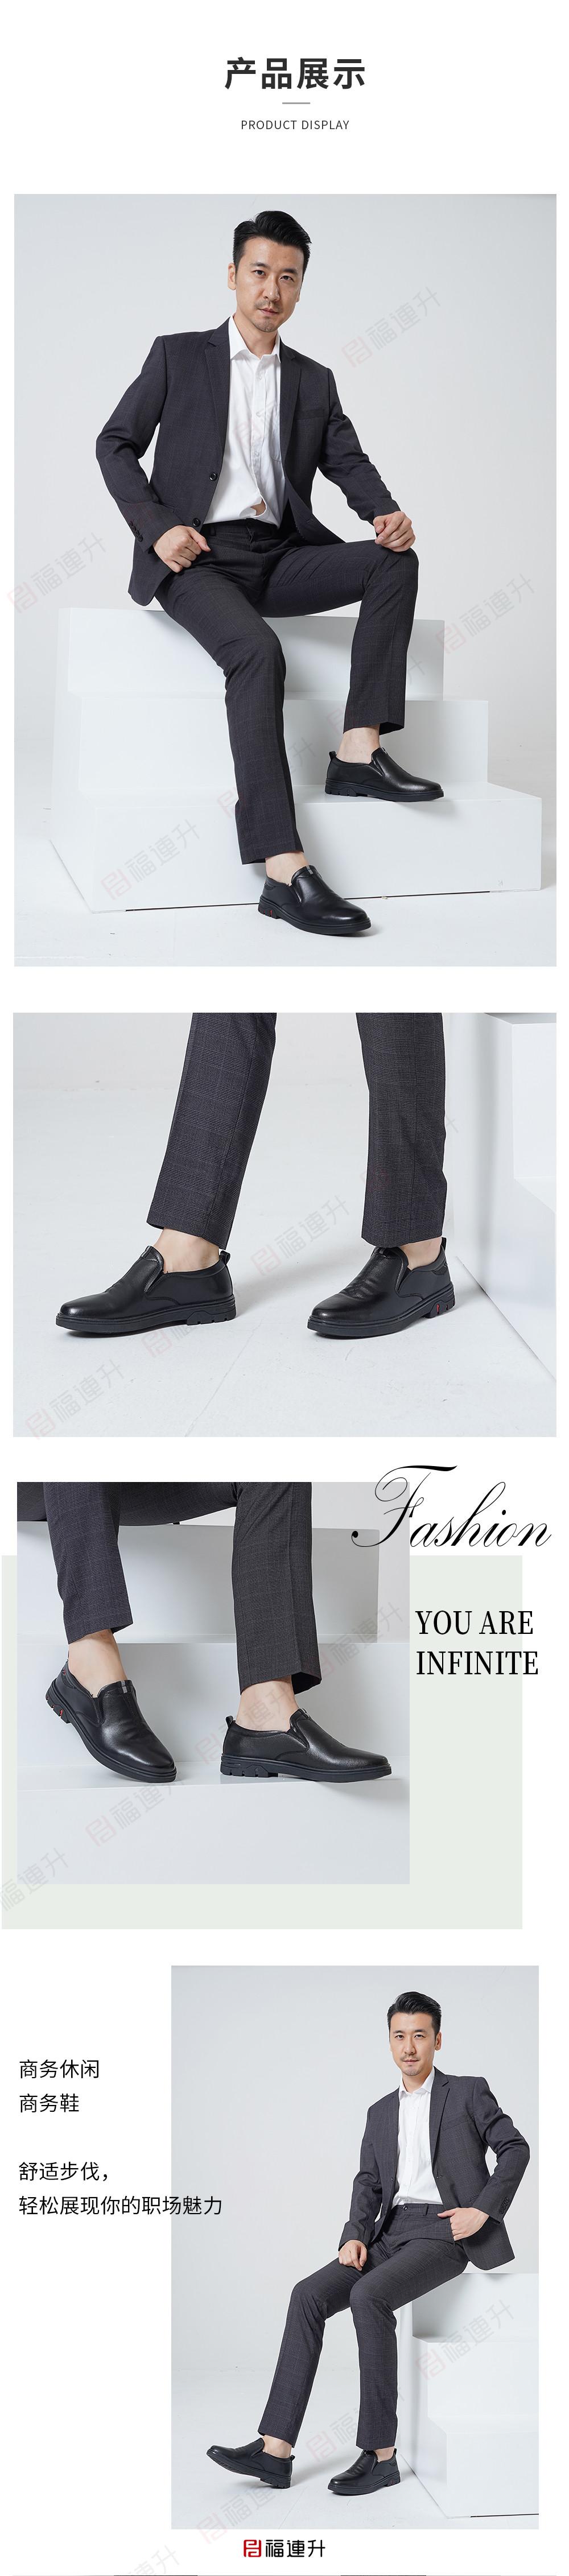 福连升休闲鞋商务休闲男鞋工作鞋套脚舒适男单鞋图片